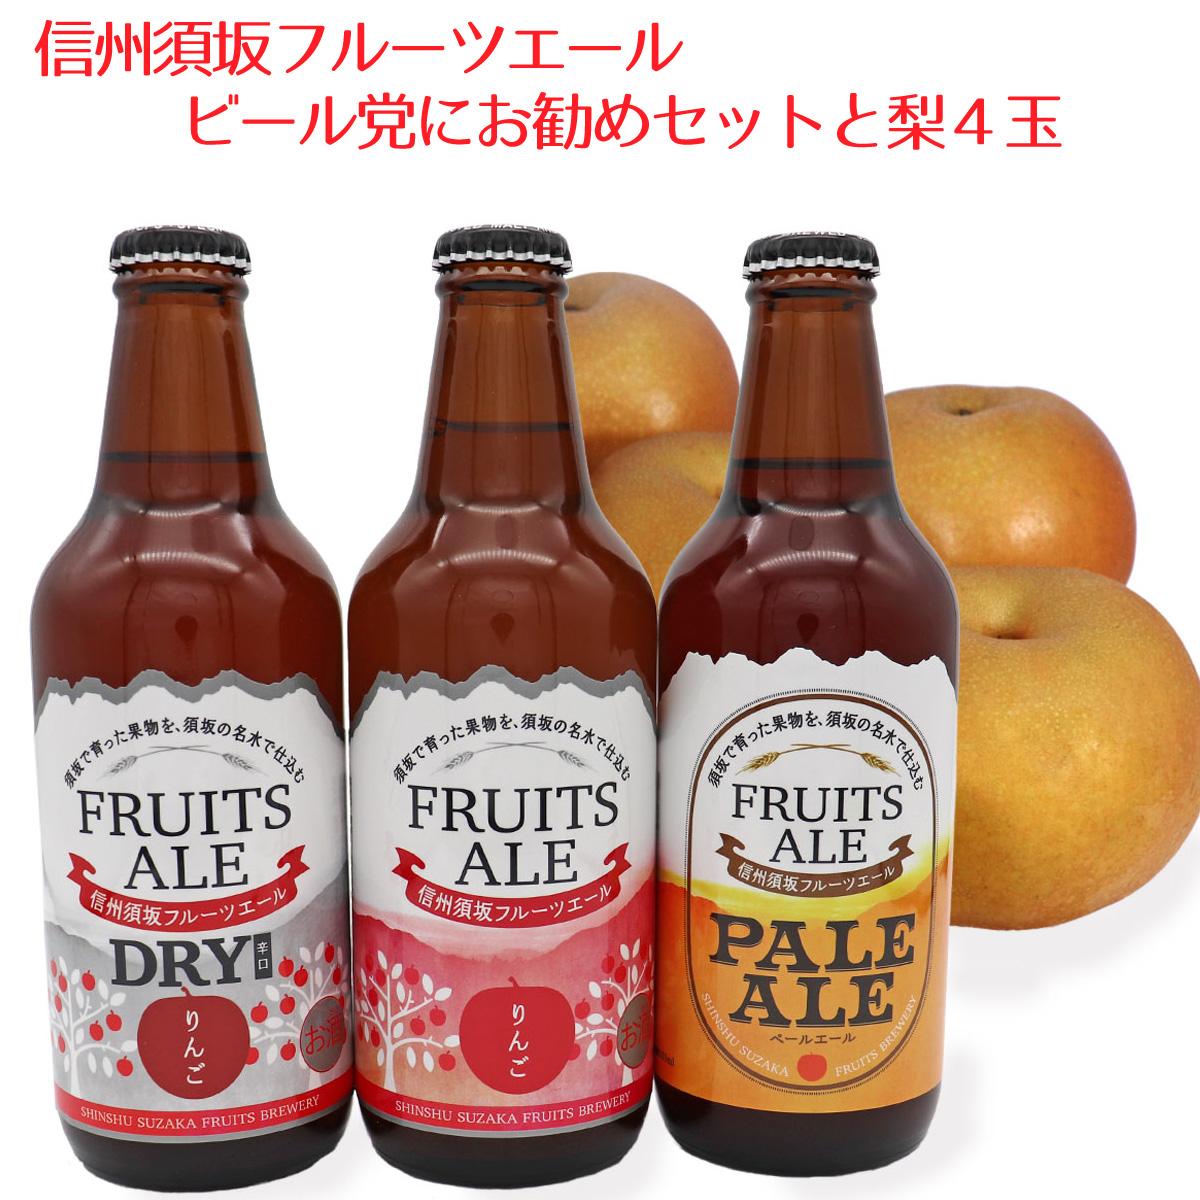 【ふるさと納税】信州須坂フルーツエールビール党にお勧め3種類・季節の梨4個セット【お酒・フルーツビール・梨】